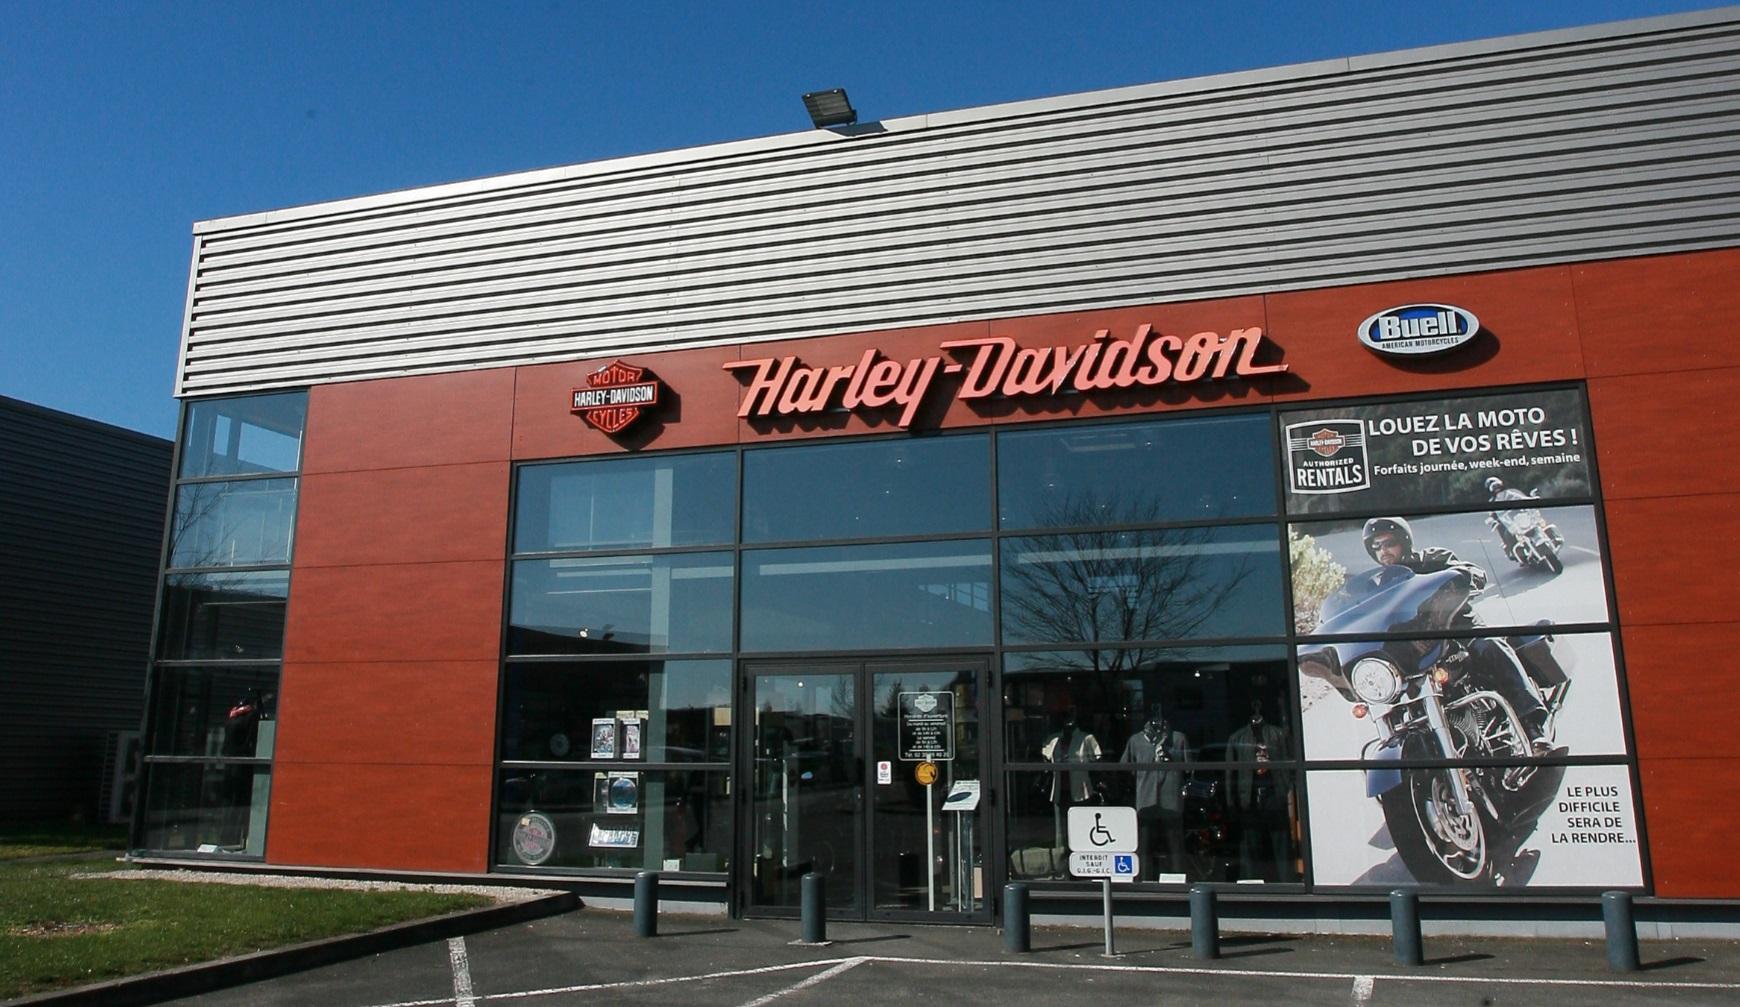 harley davidson comme un air d am rique auto moto magazine. Black Bedroom Furniture Sets. Home Design Ideas